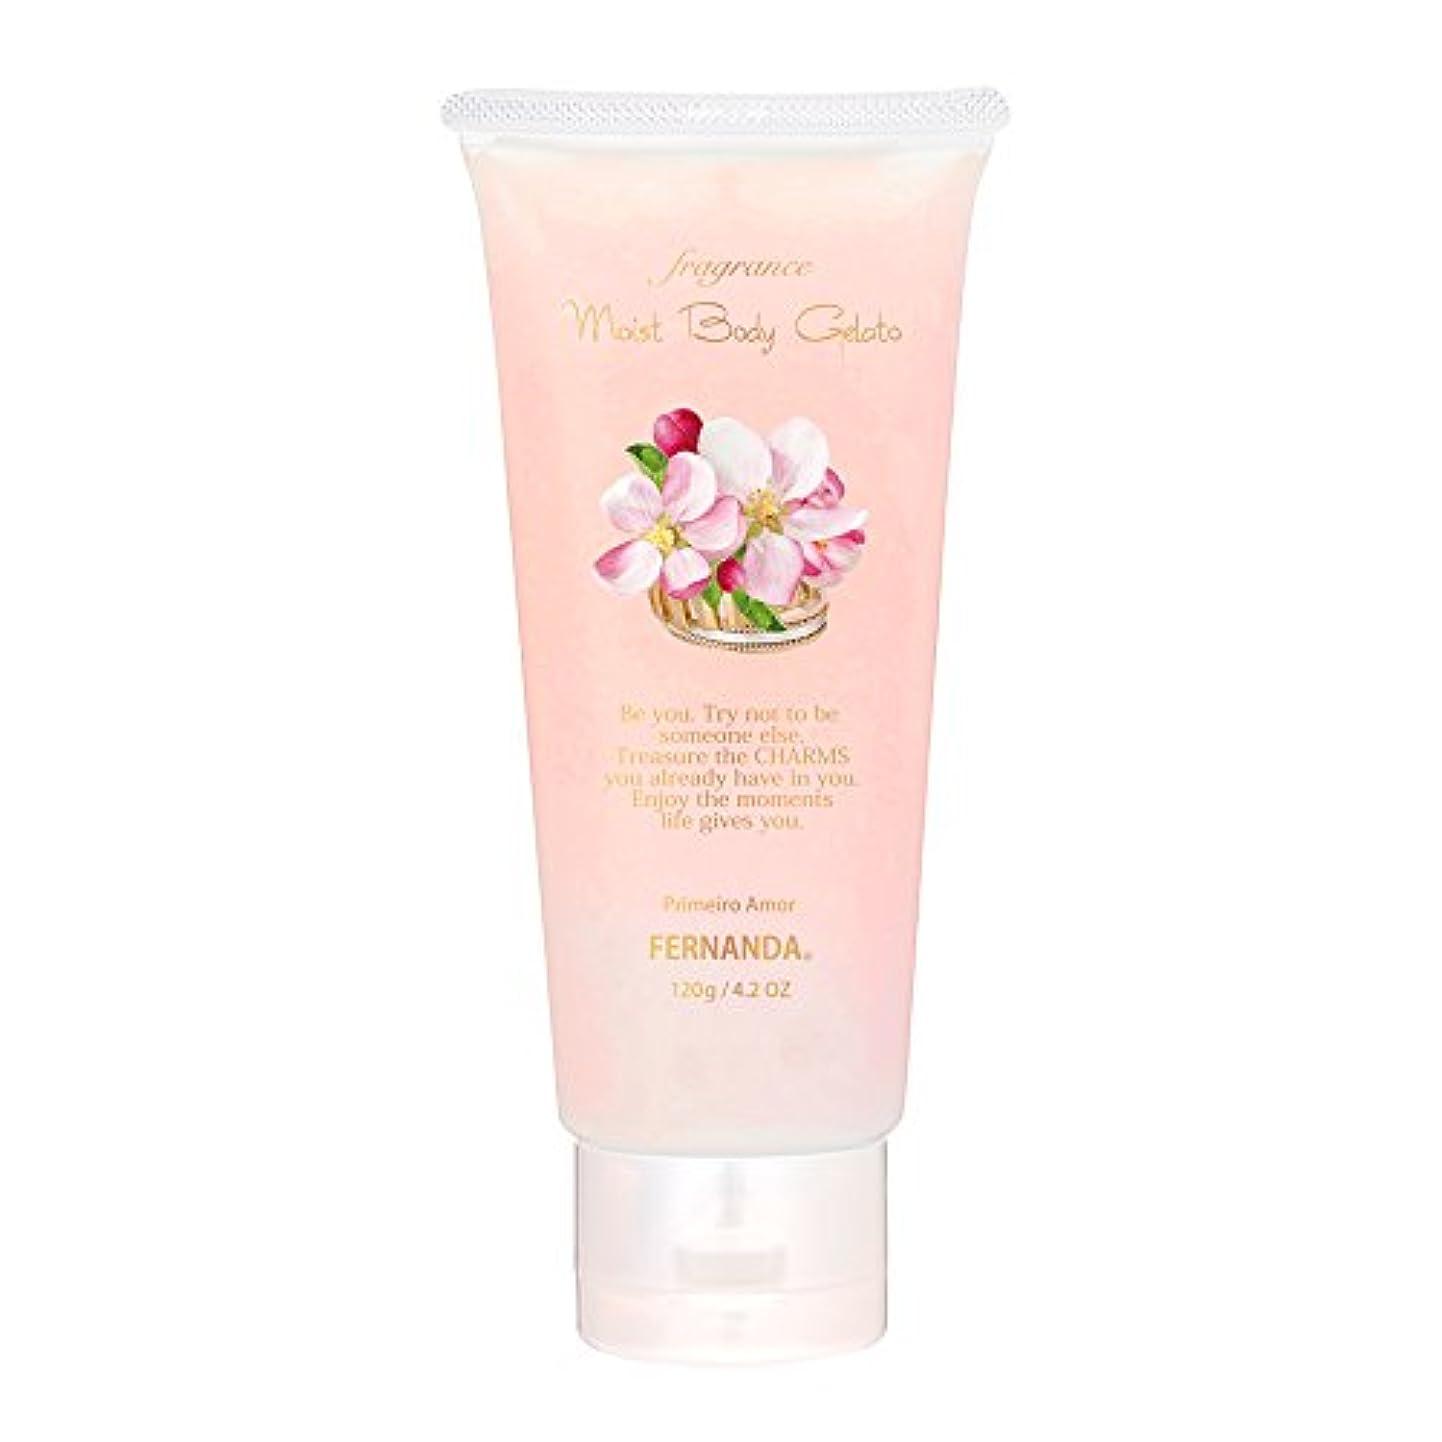 期待するセンサーテニスFERNANDA(フェルナンダ) Fragrance Moist Body Gelato Primeiro Amor (モイストボディジェラート プリメイロアモール)